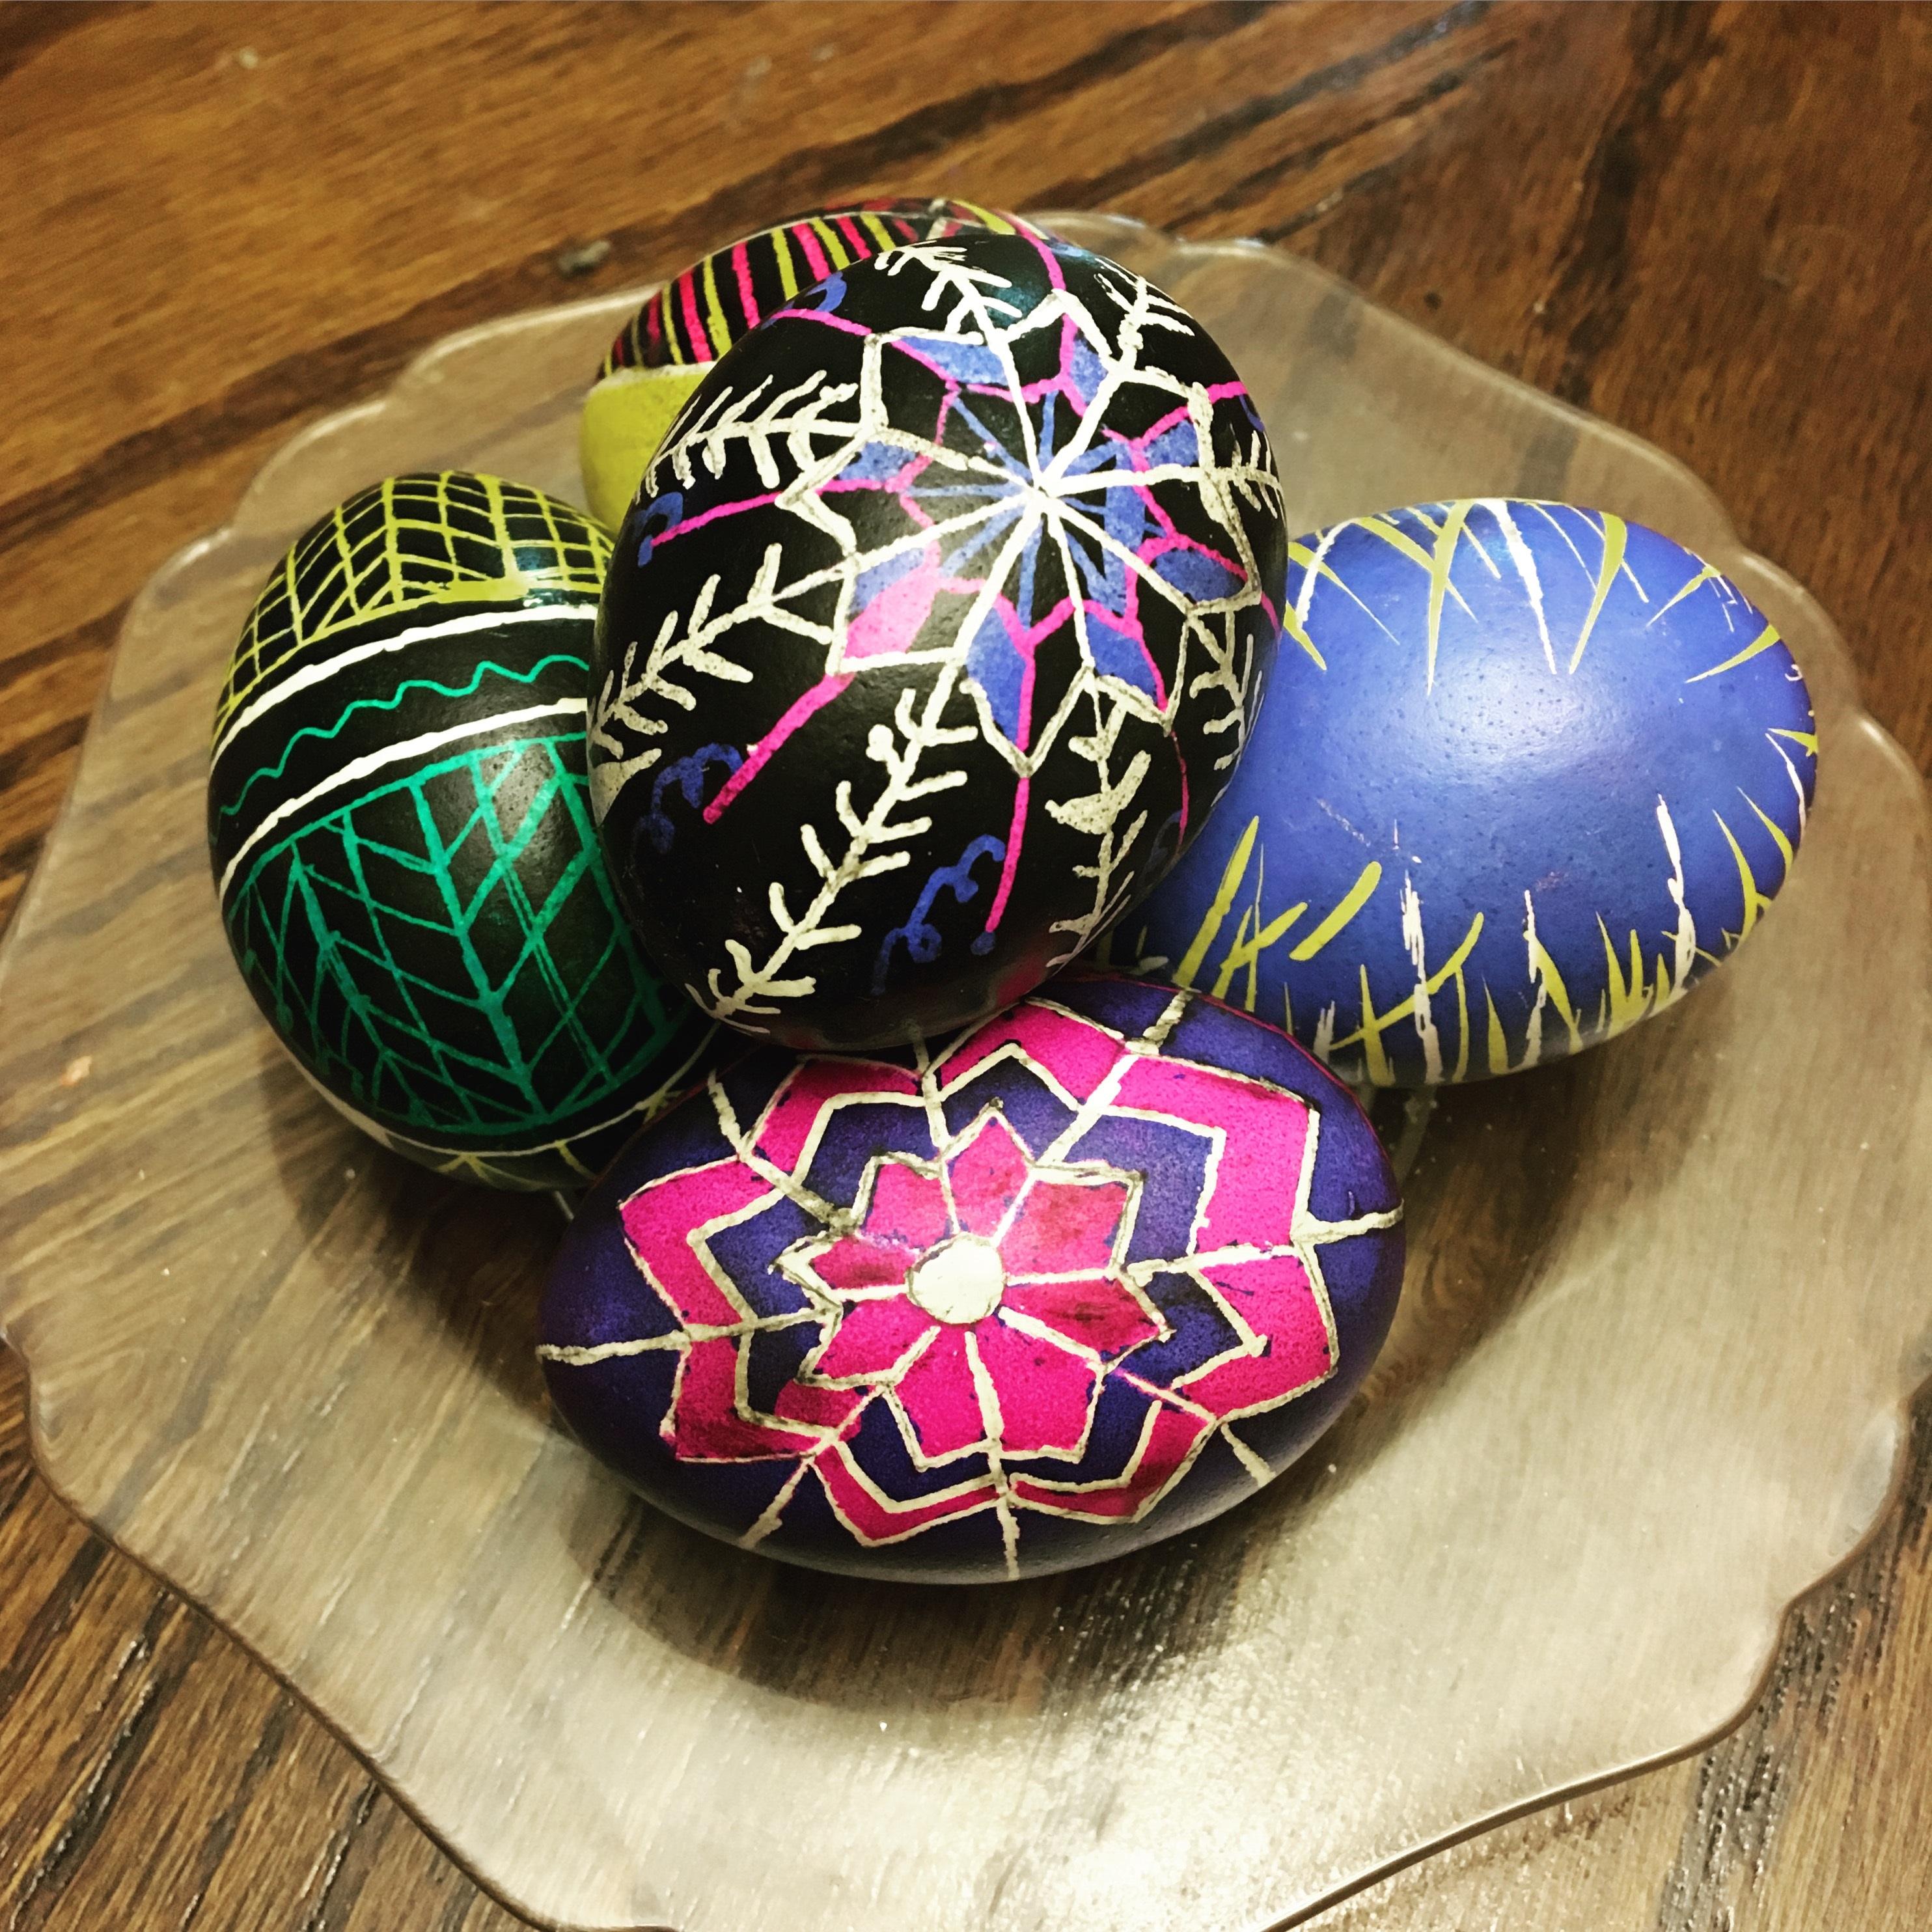 Slovak Easter eggs